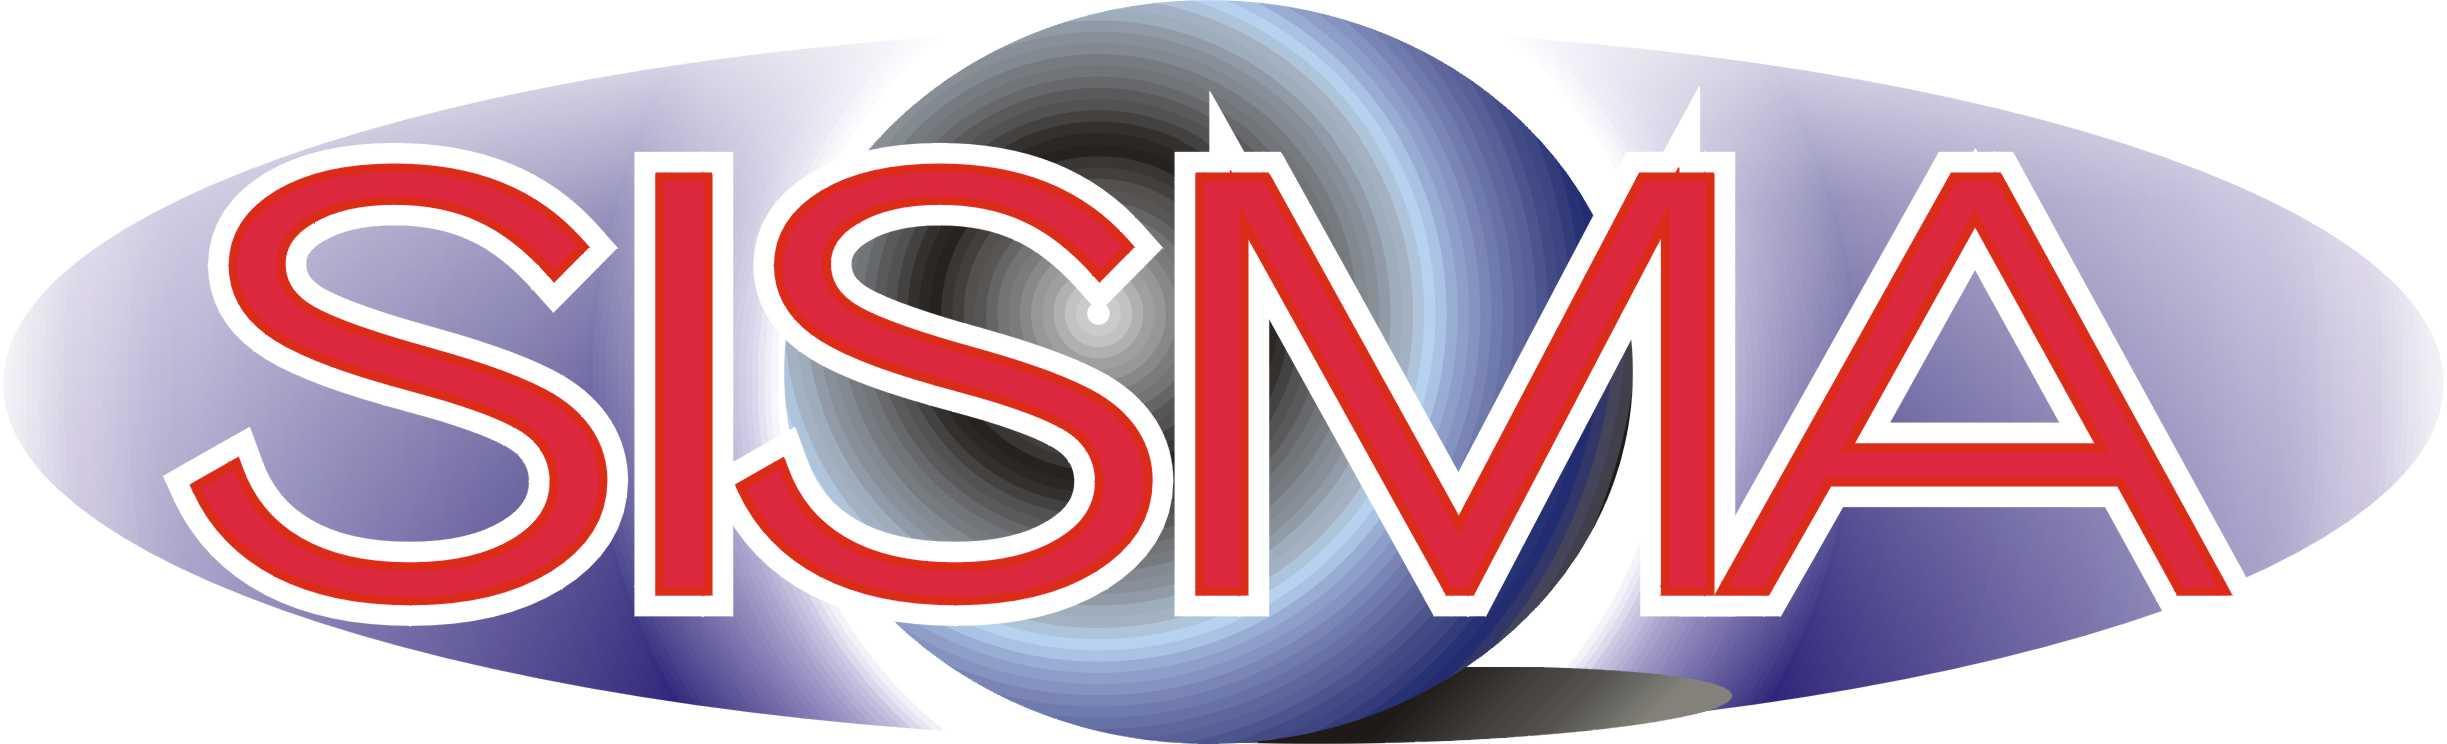 software company italy- sisma